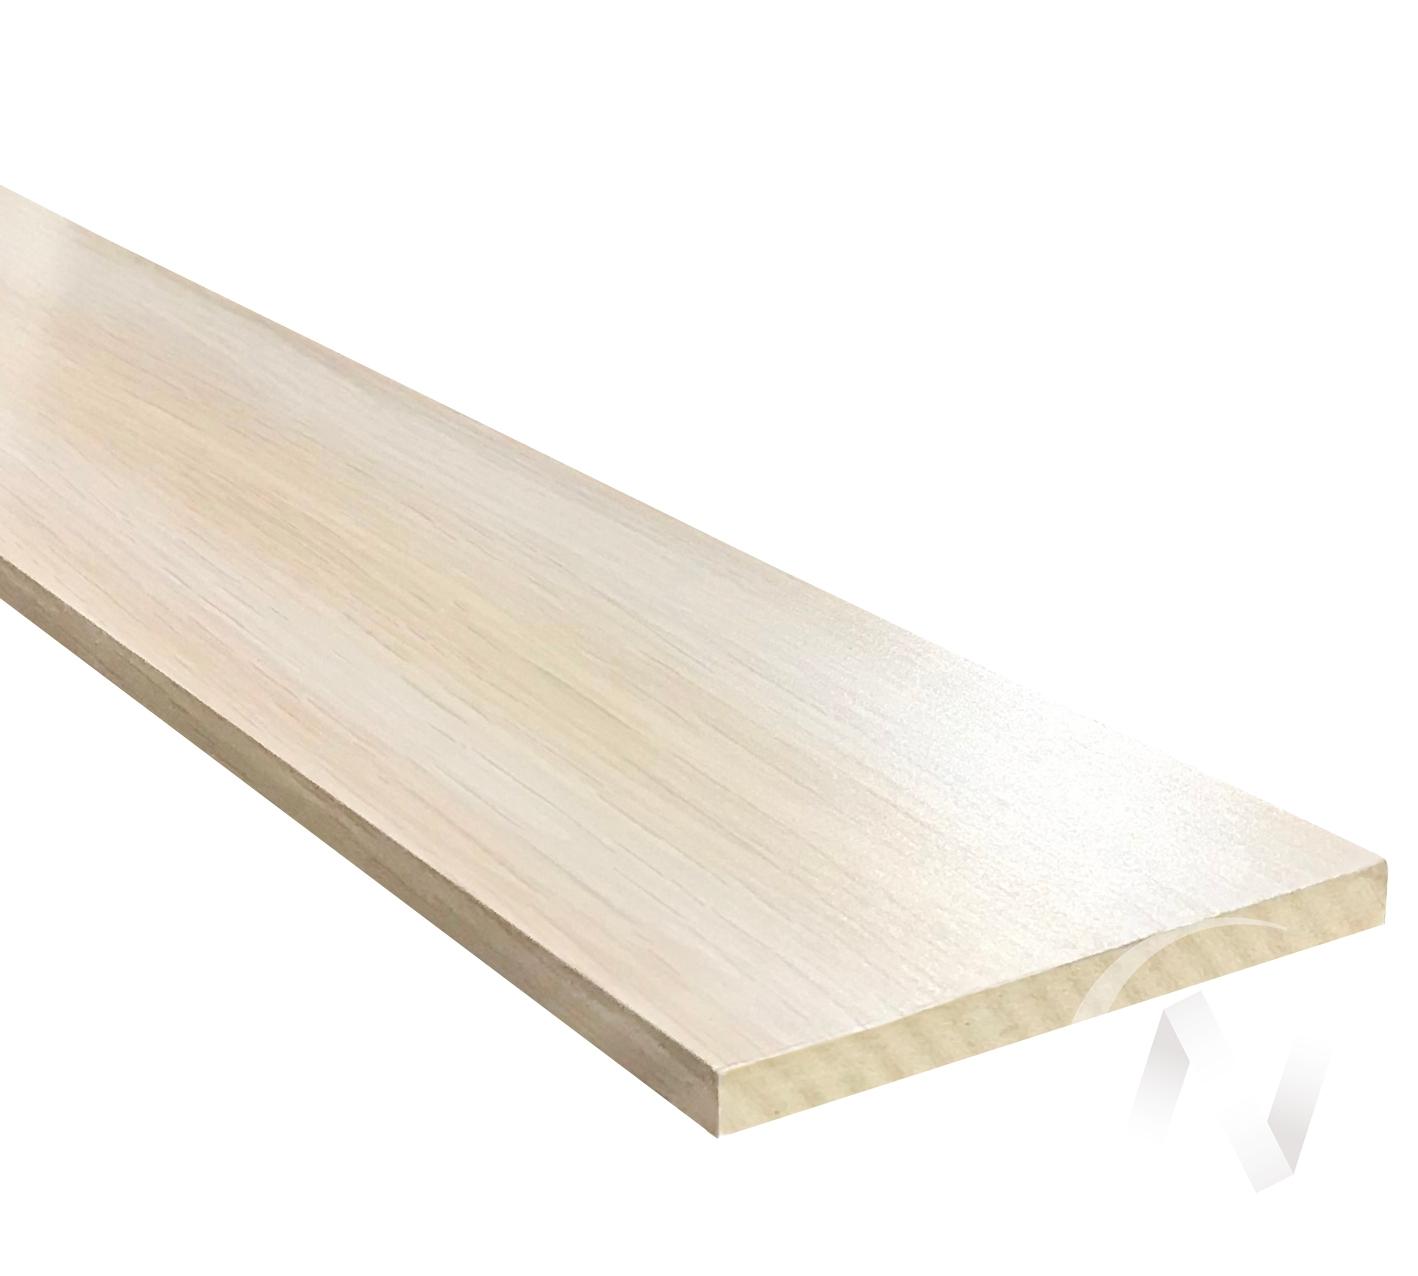 Добор ламинированный (200*10*2070, беленый дуб)  в Томске — интернет магазин МИРА-мебель